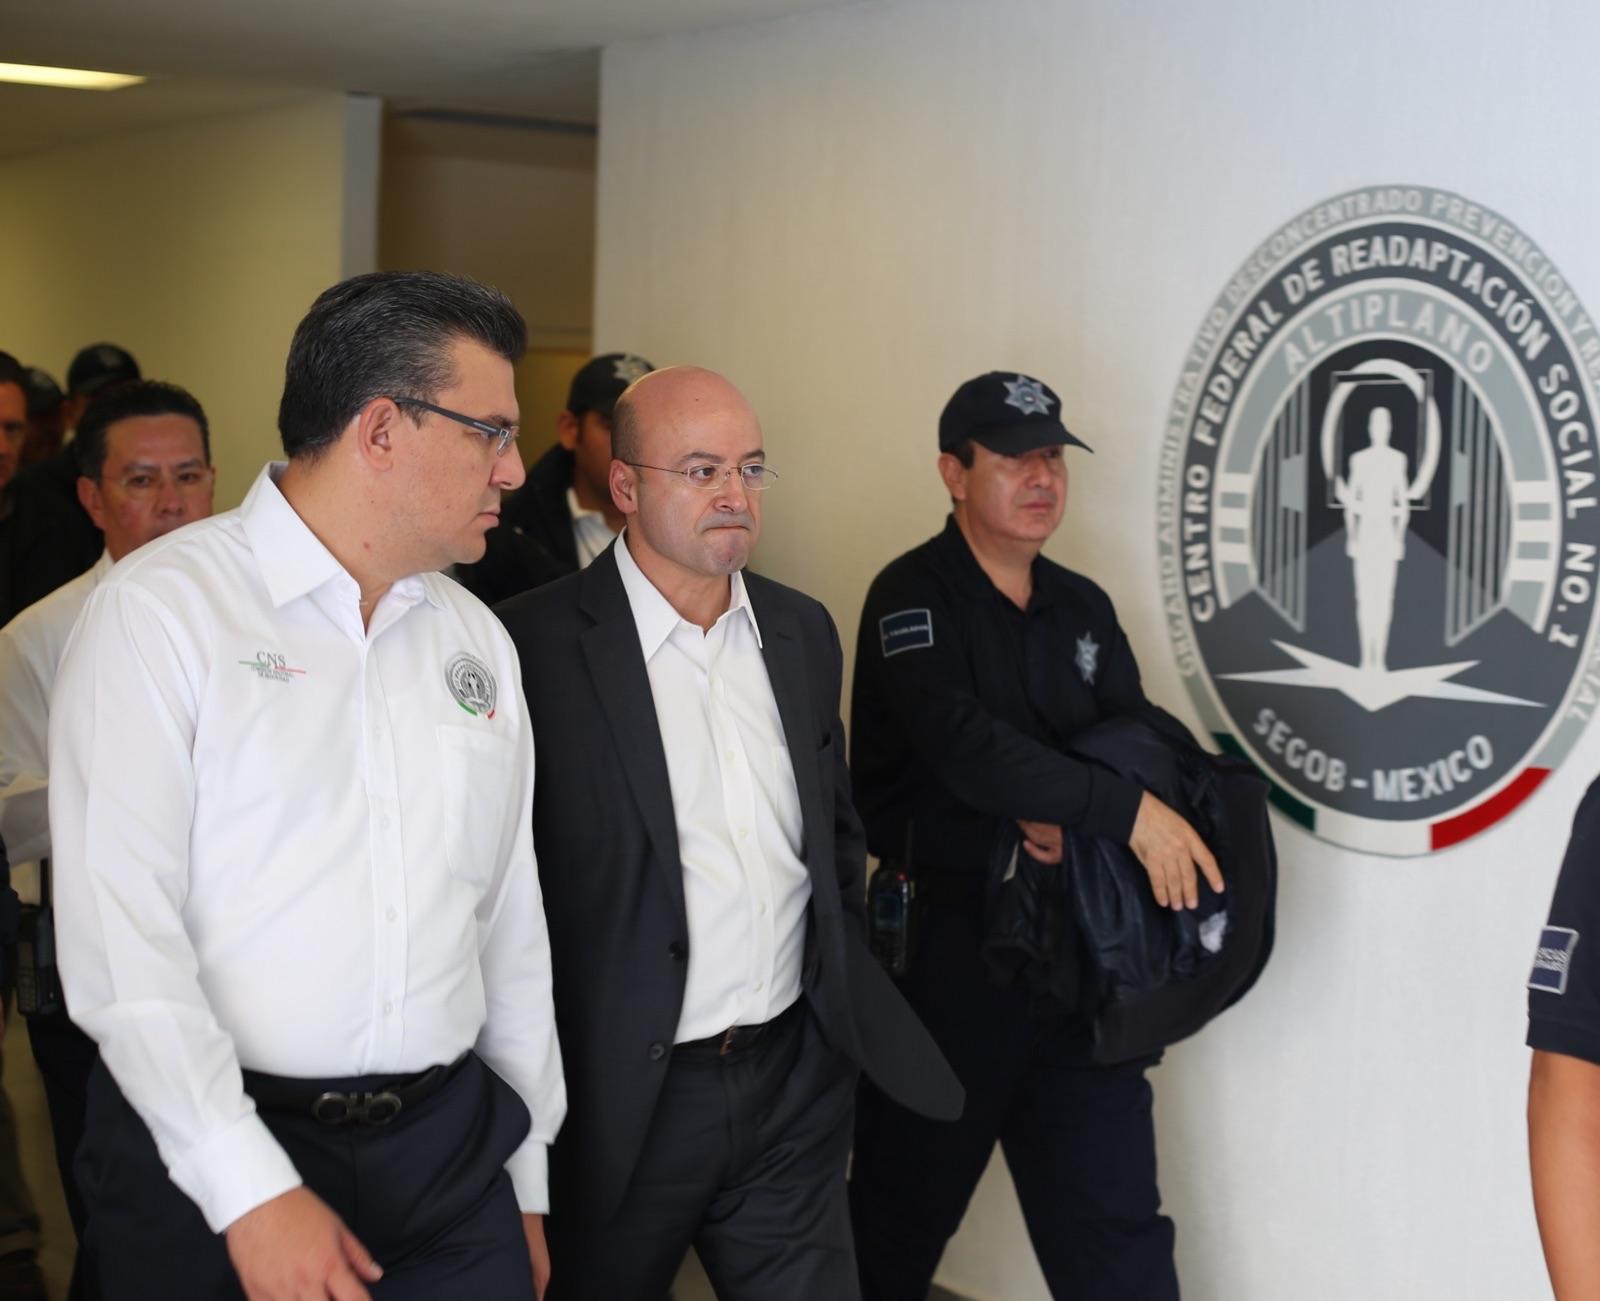 El Comisionado Nacional de Seguridad aprovechó para visitar uno a uno los módulos que componen la población penitenciaria incluyendo aquellos que resguardan a los internos de alta peligrosidad